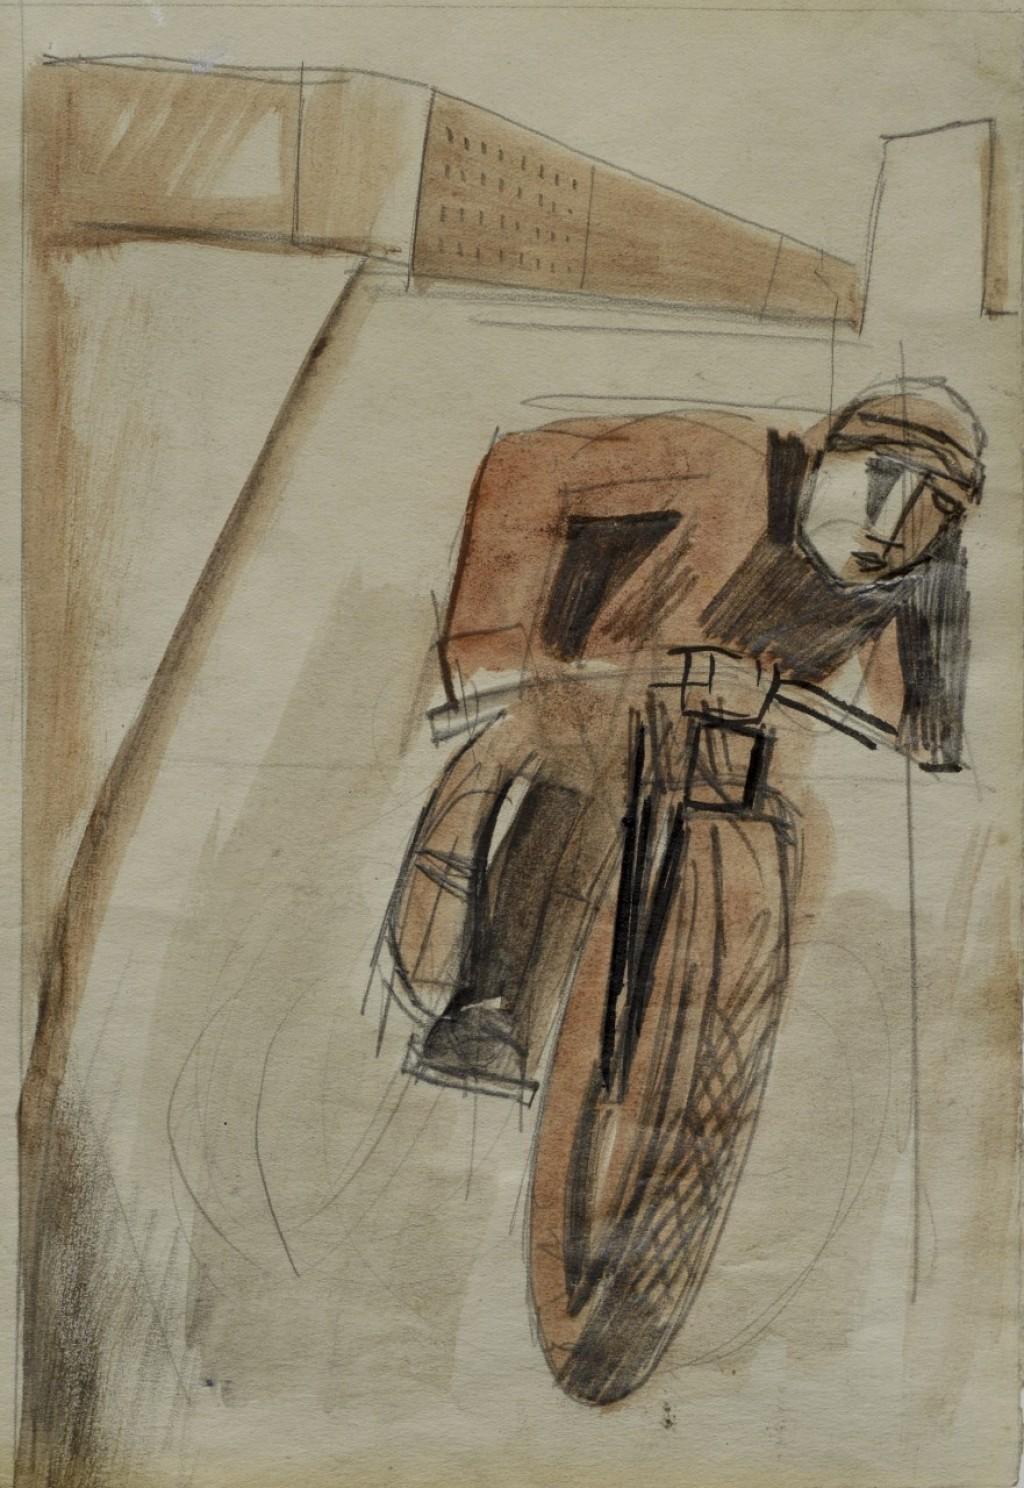 Motociclista in periferia - Mario Sironi